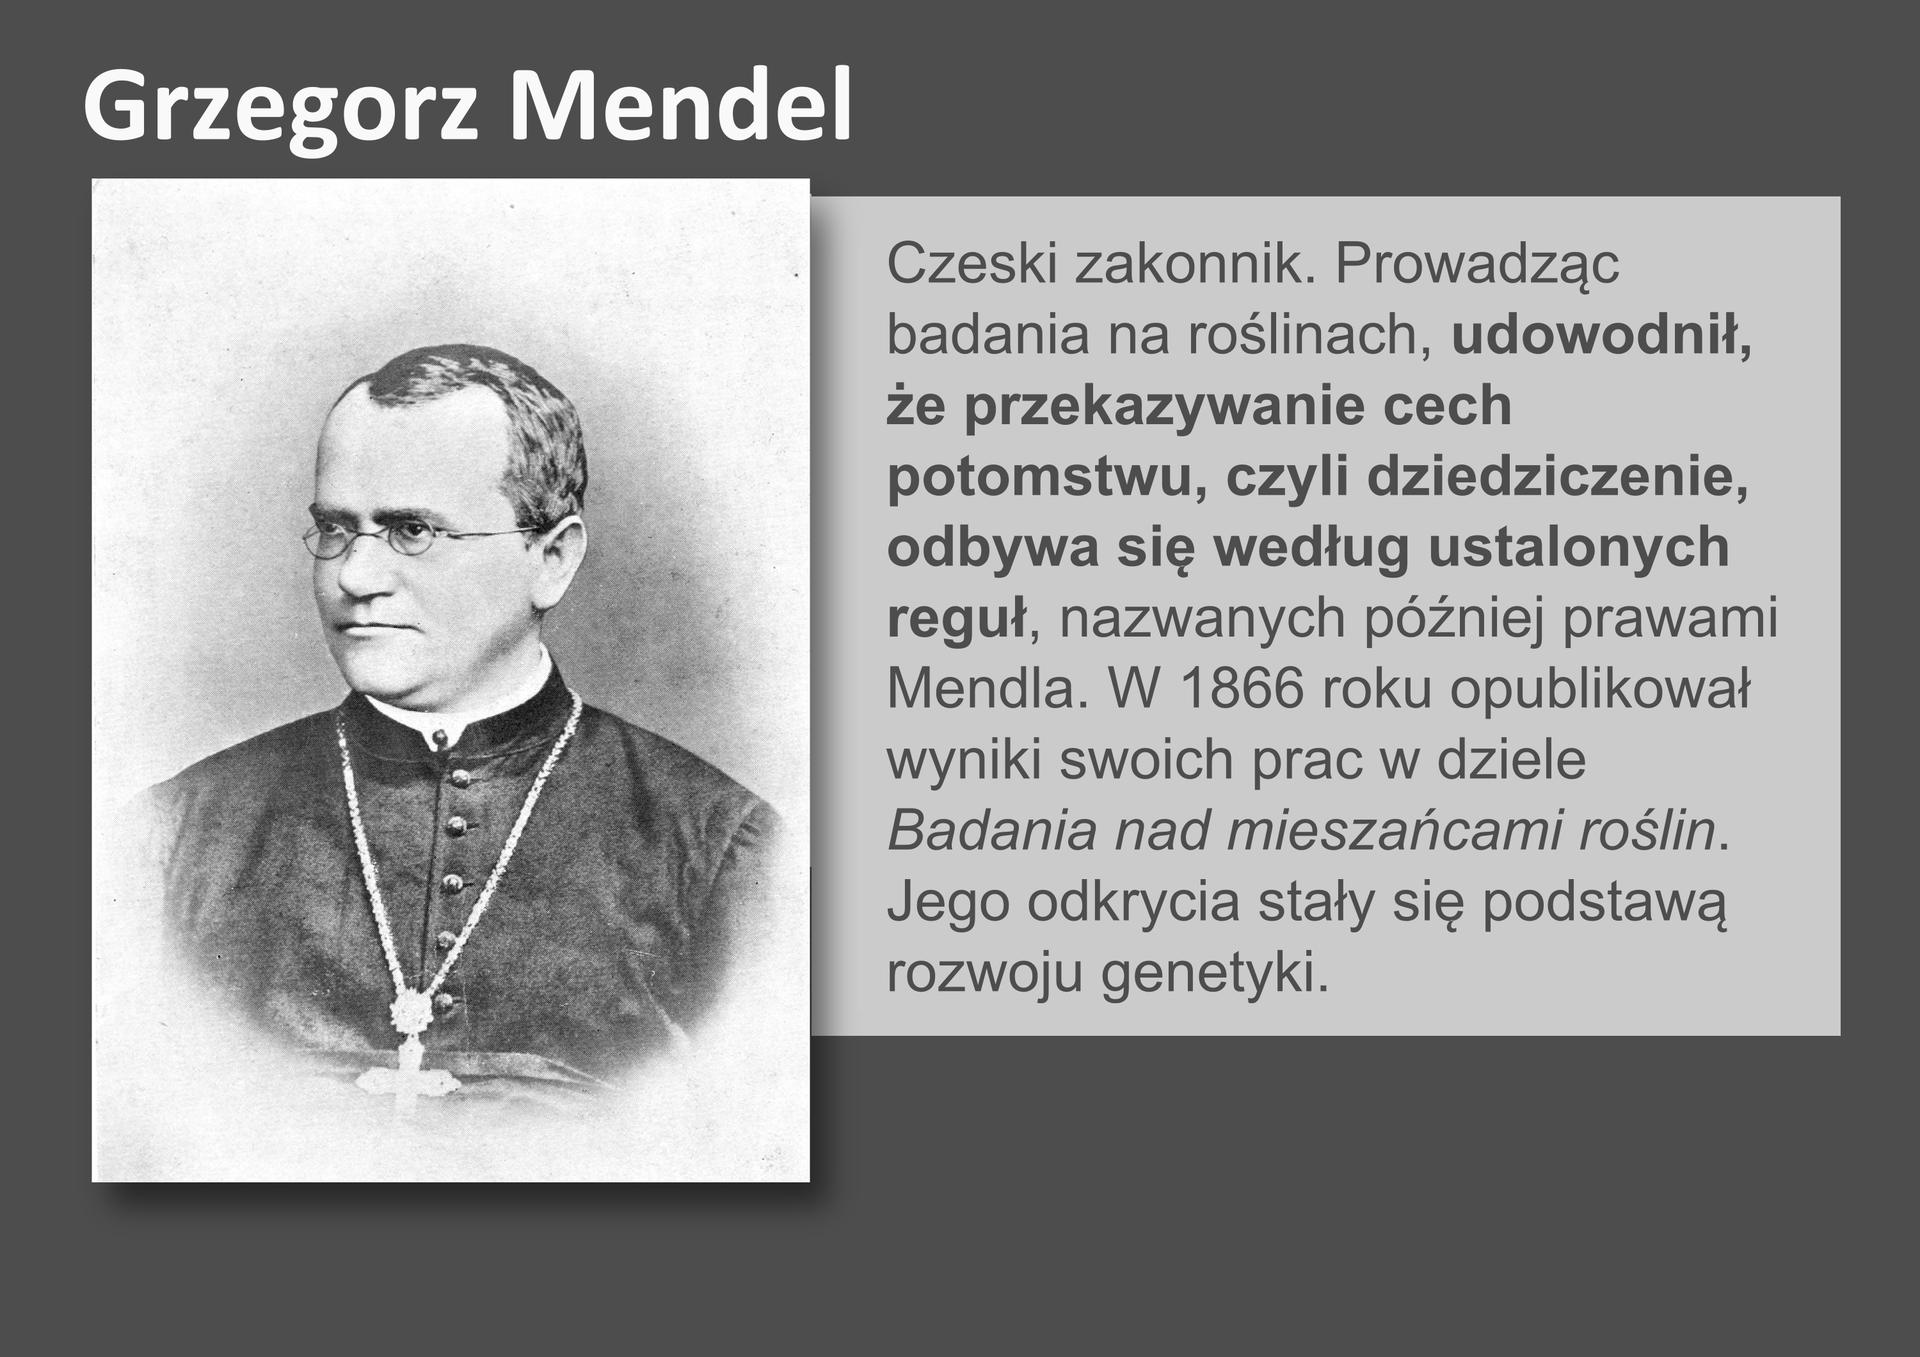 Galeria przedstawia pionierów nauk przyrodniczych. Składa się zdziewięciu slajdów wpostaci ilustracji iumieszczonego obok opisu. Ilustracje pojawiają się kolejno, kiedy klika się wstrzałki, znajdujące się po prawej ilewej stronie ilustracji. Ósmy slajd to czarno – białe zdjęcie Grzegorza Mendla, czeskiego zakonnika ubranego wsutannę. Mendel nosi okulary iduży krzyż na szyi. Wdziewiętnastym wieku prowadził badania na roślinach iudowodnił, że przekazywanie cech potomstwu odbywa się według pewnych reguł. Odkrycia Mendla stały się podstawą rozwoju genetyki.